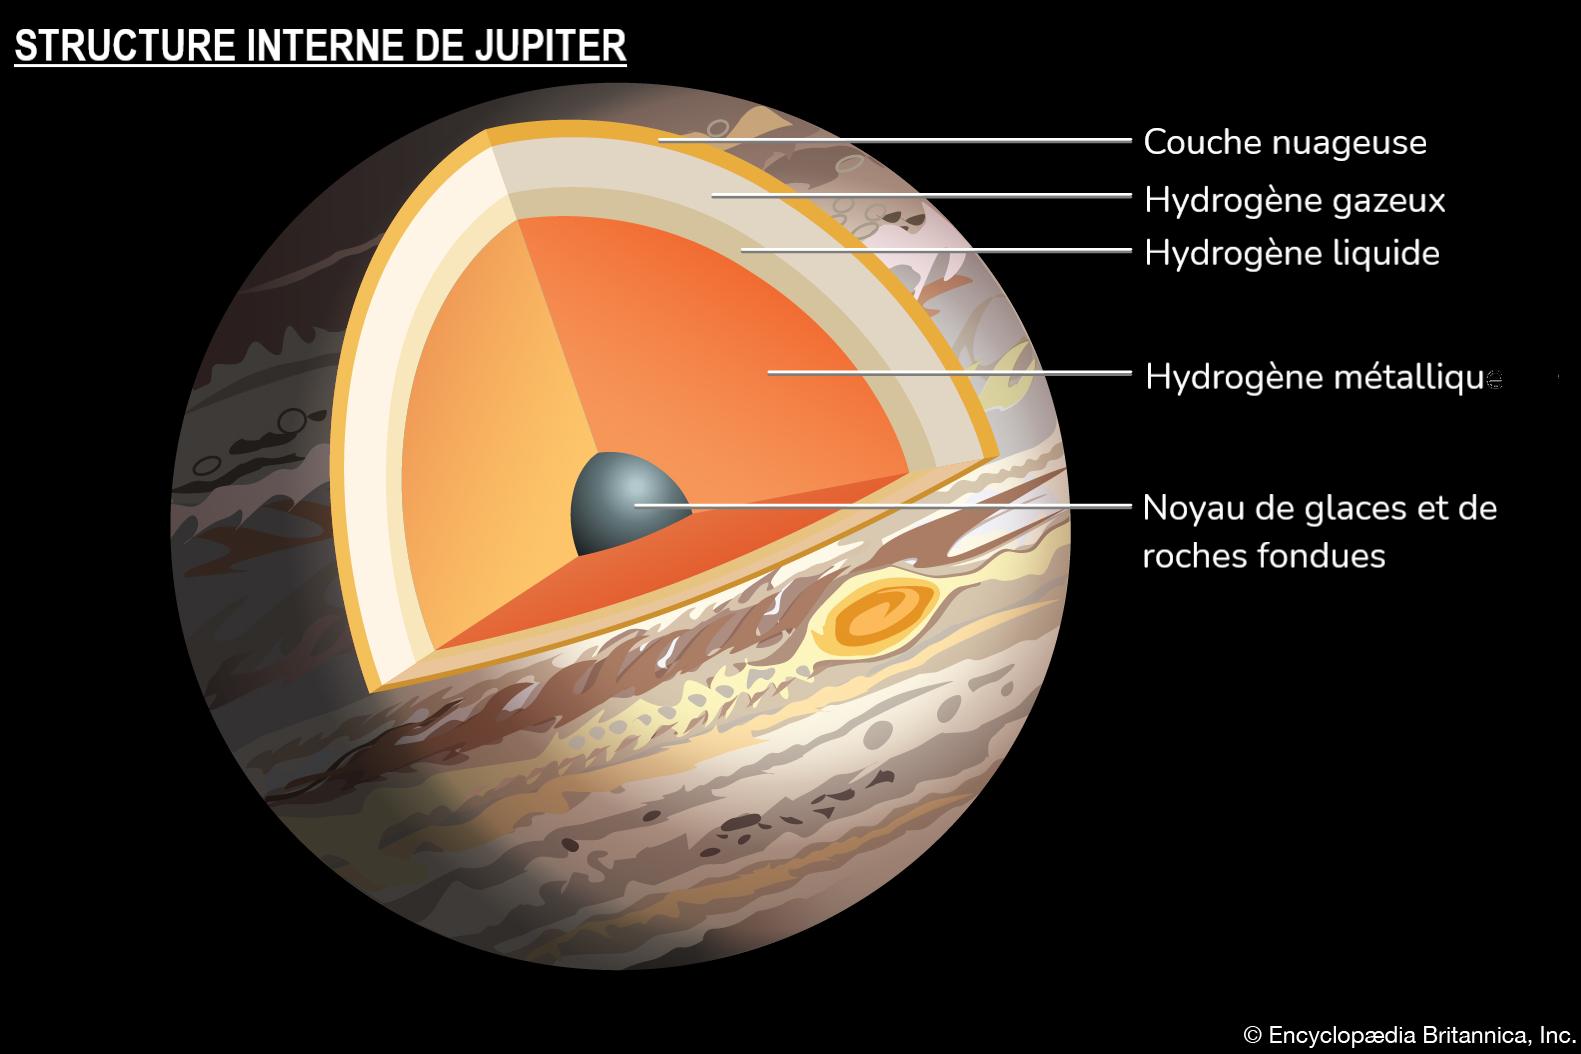 Structure interne de Jupiter